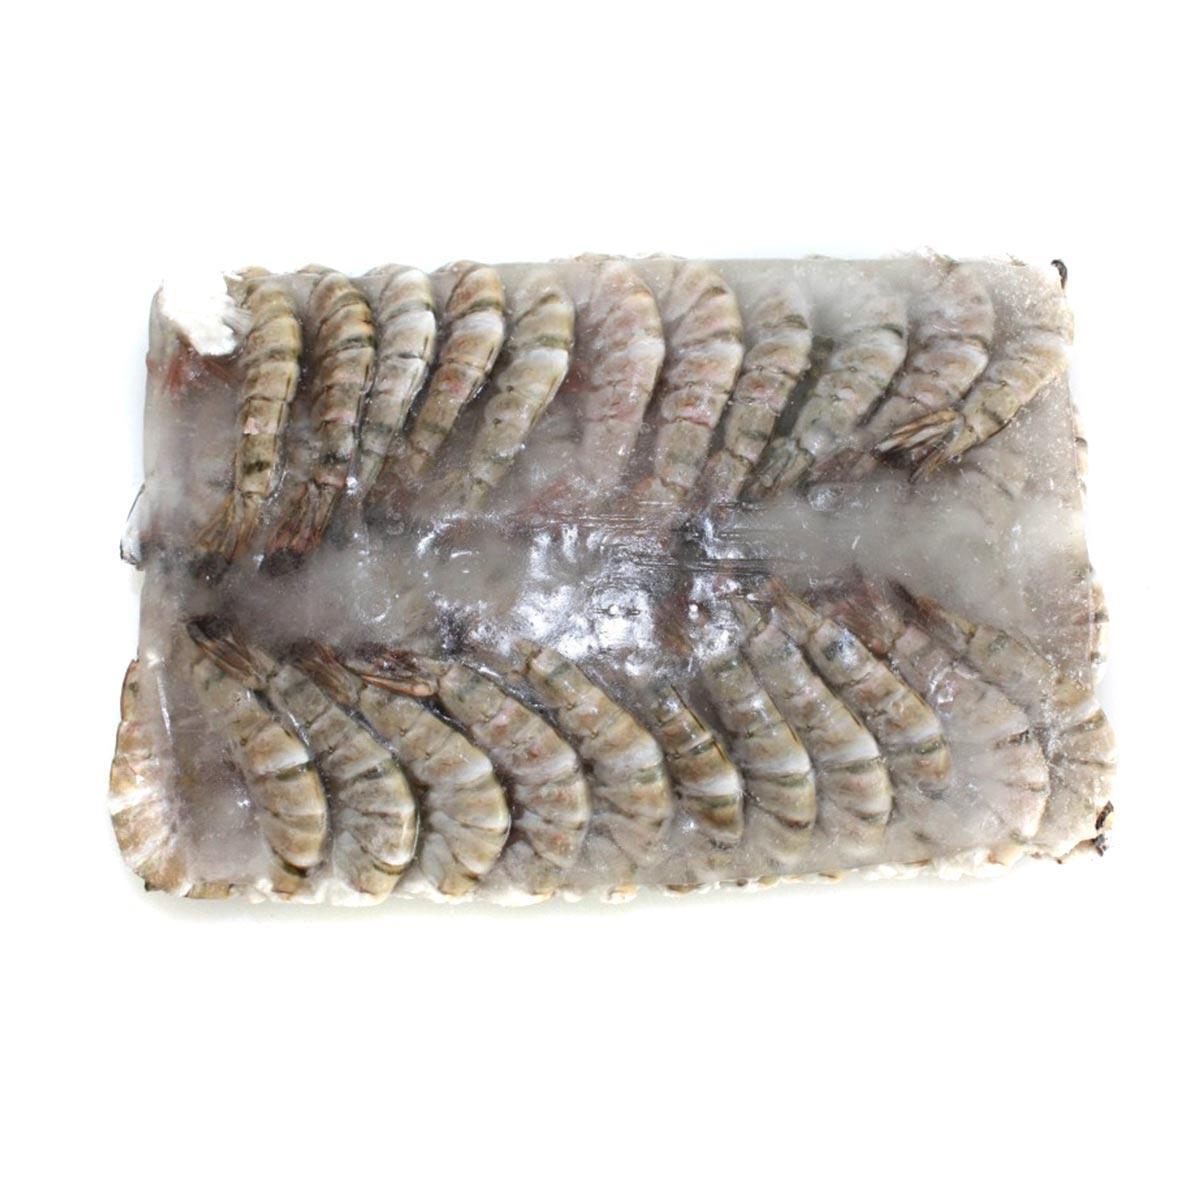 Креветки ваннамей без головы 26-30 шт блочные свежемороженые